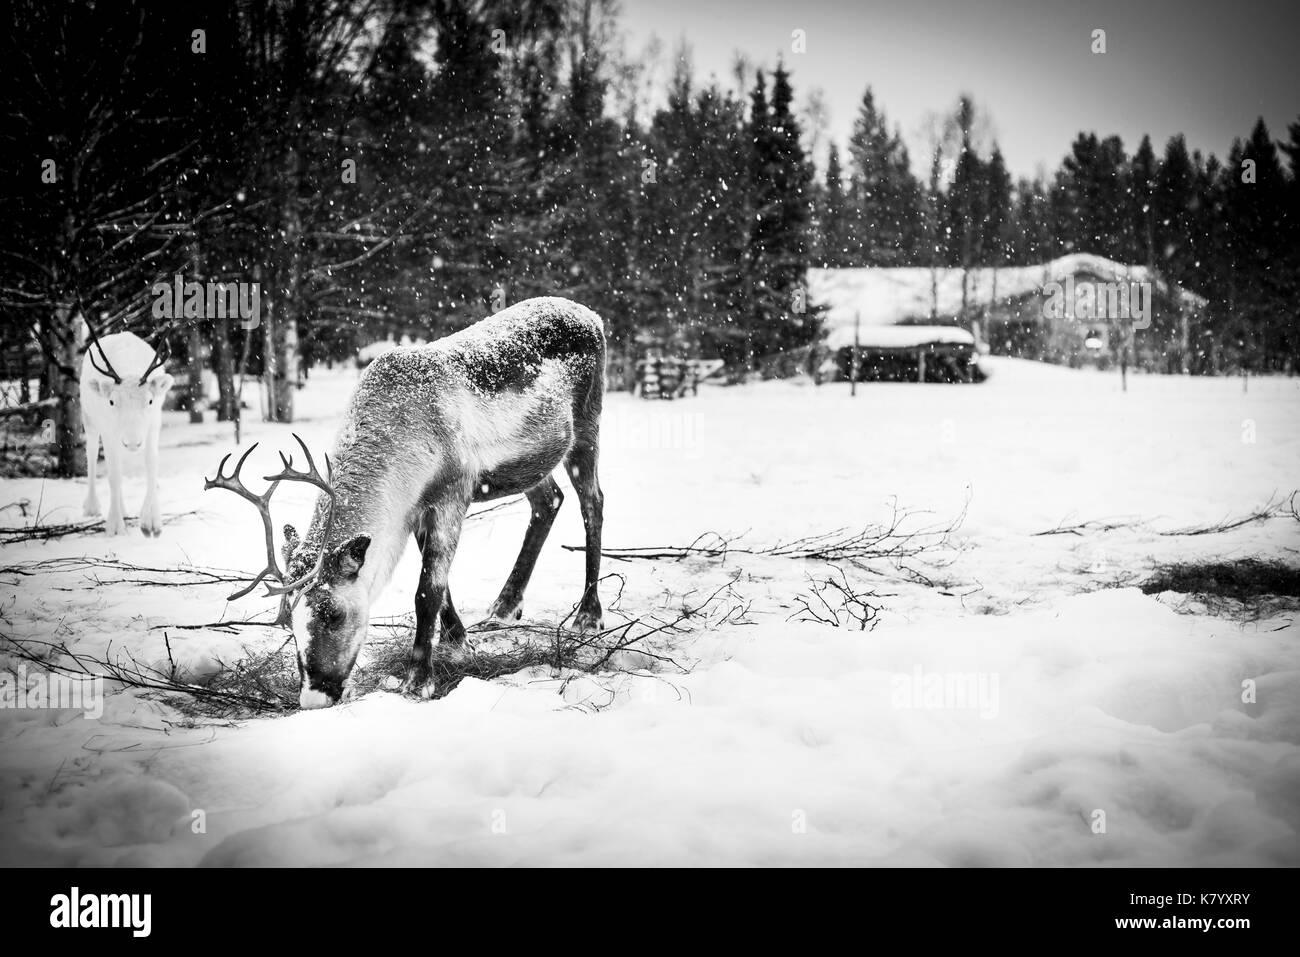 Alimentazione di renne nella neve, Lapponia, Finlandia Immagini Stock